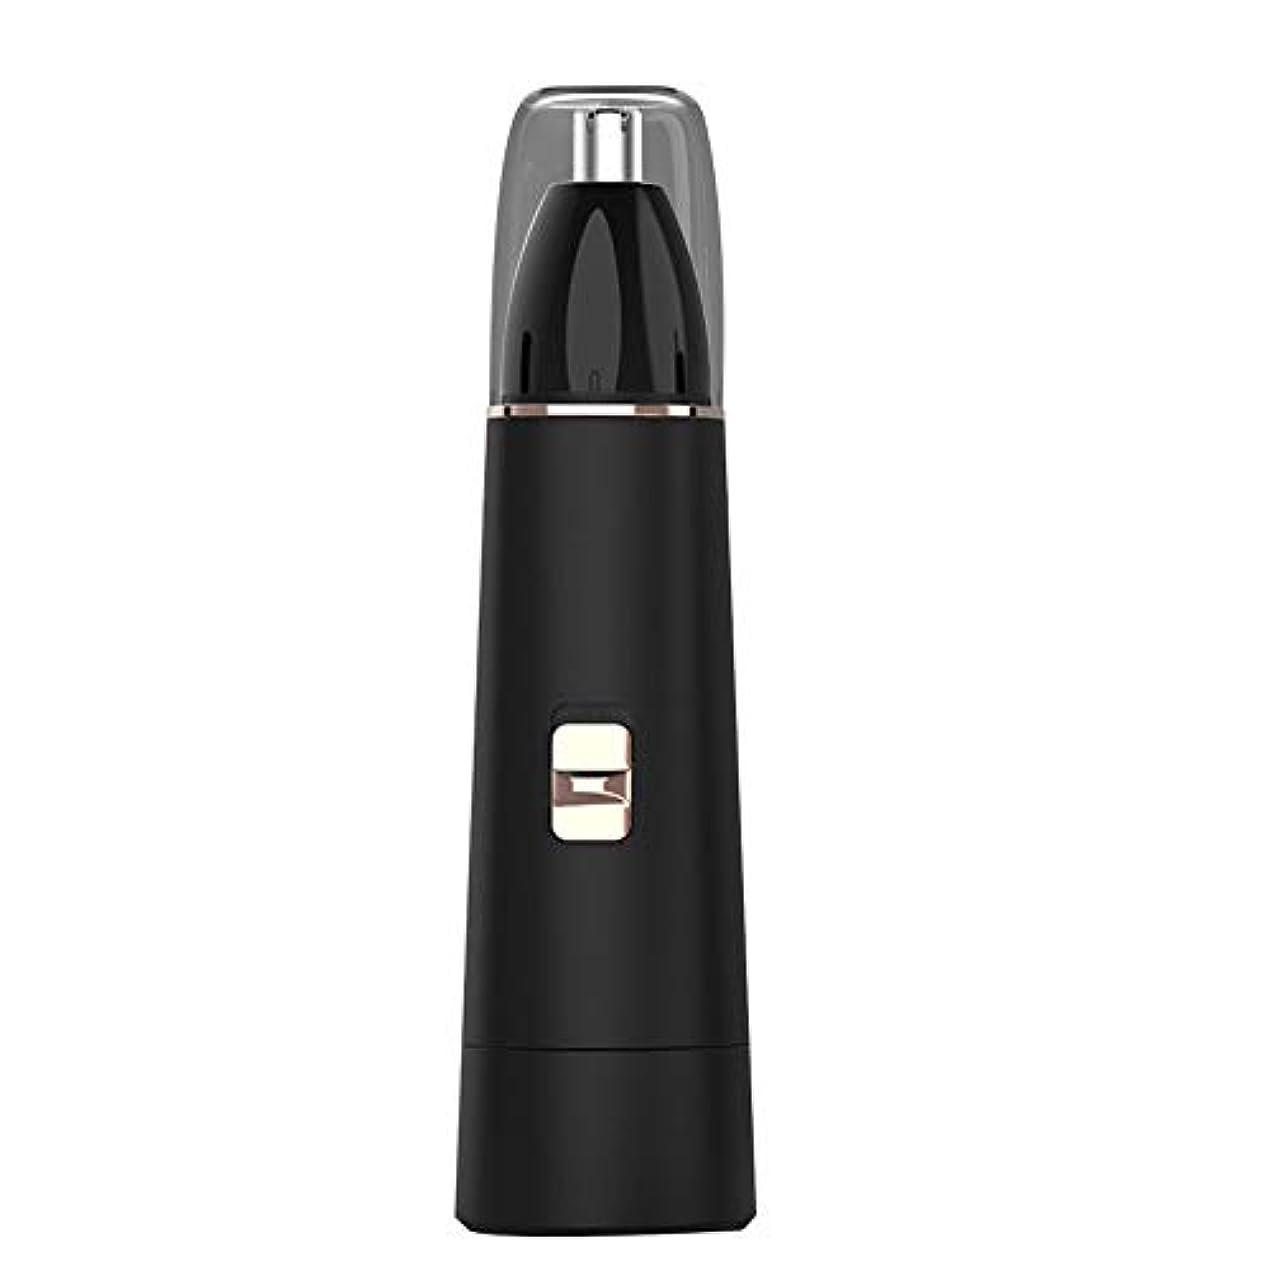 実行するしなやかな振り子鼻毛トリマー-USB充電式電動鼻毛トリマー/ABS素材/多機能 持つ価値があります